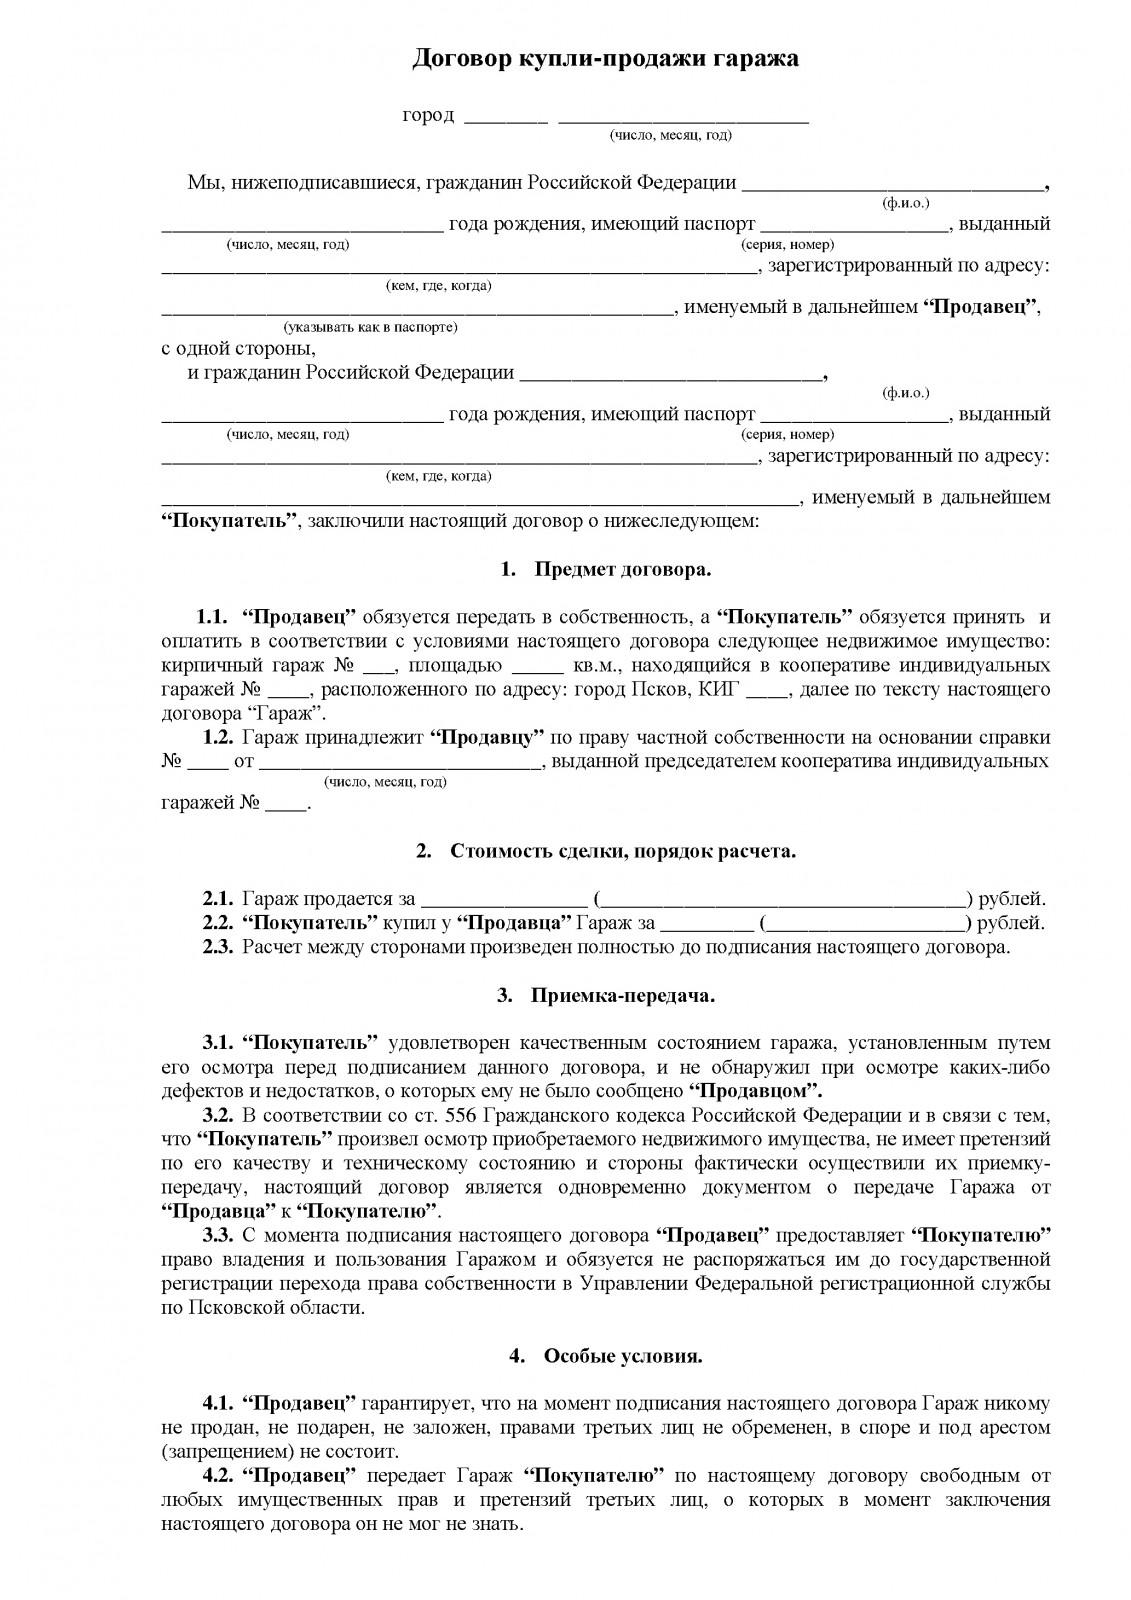 Документы для договора дарения земельного участка и дома родственнику